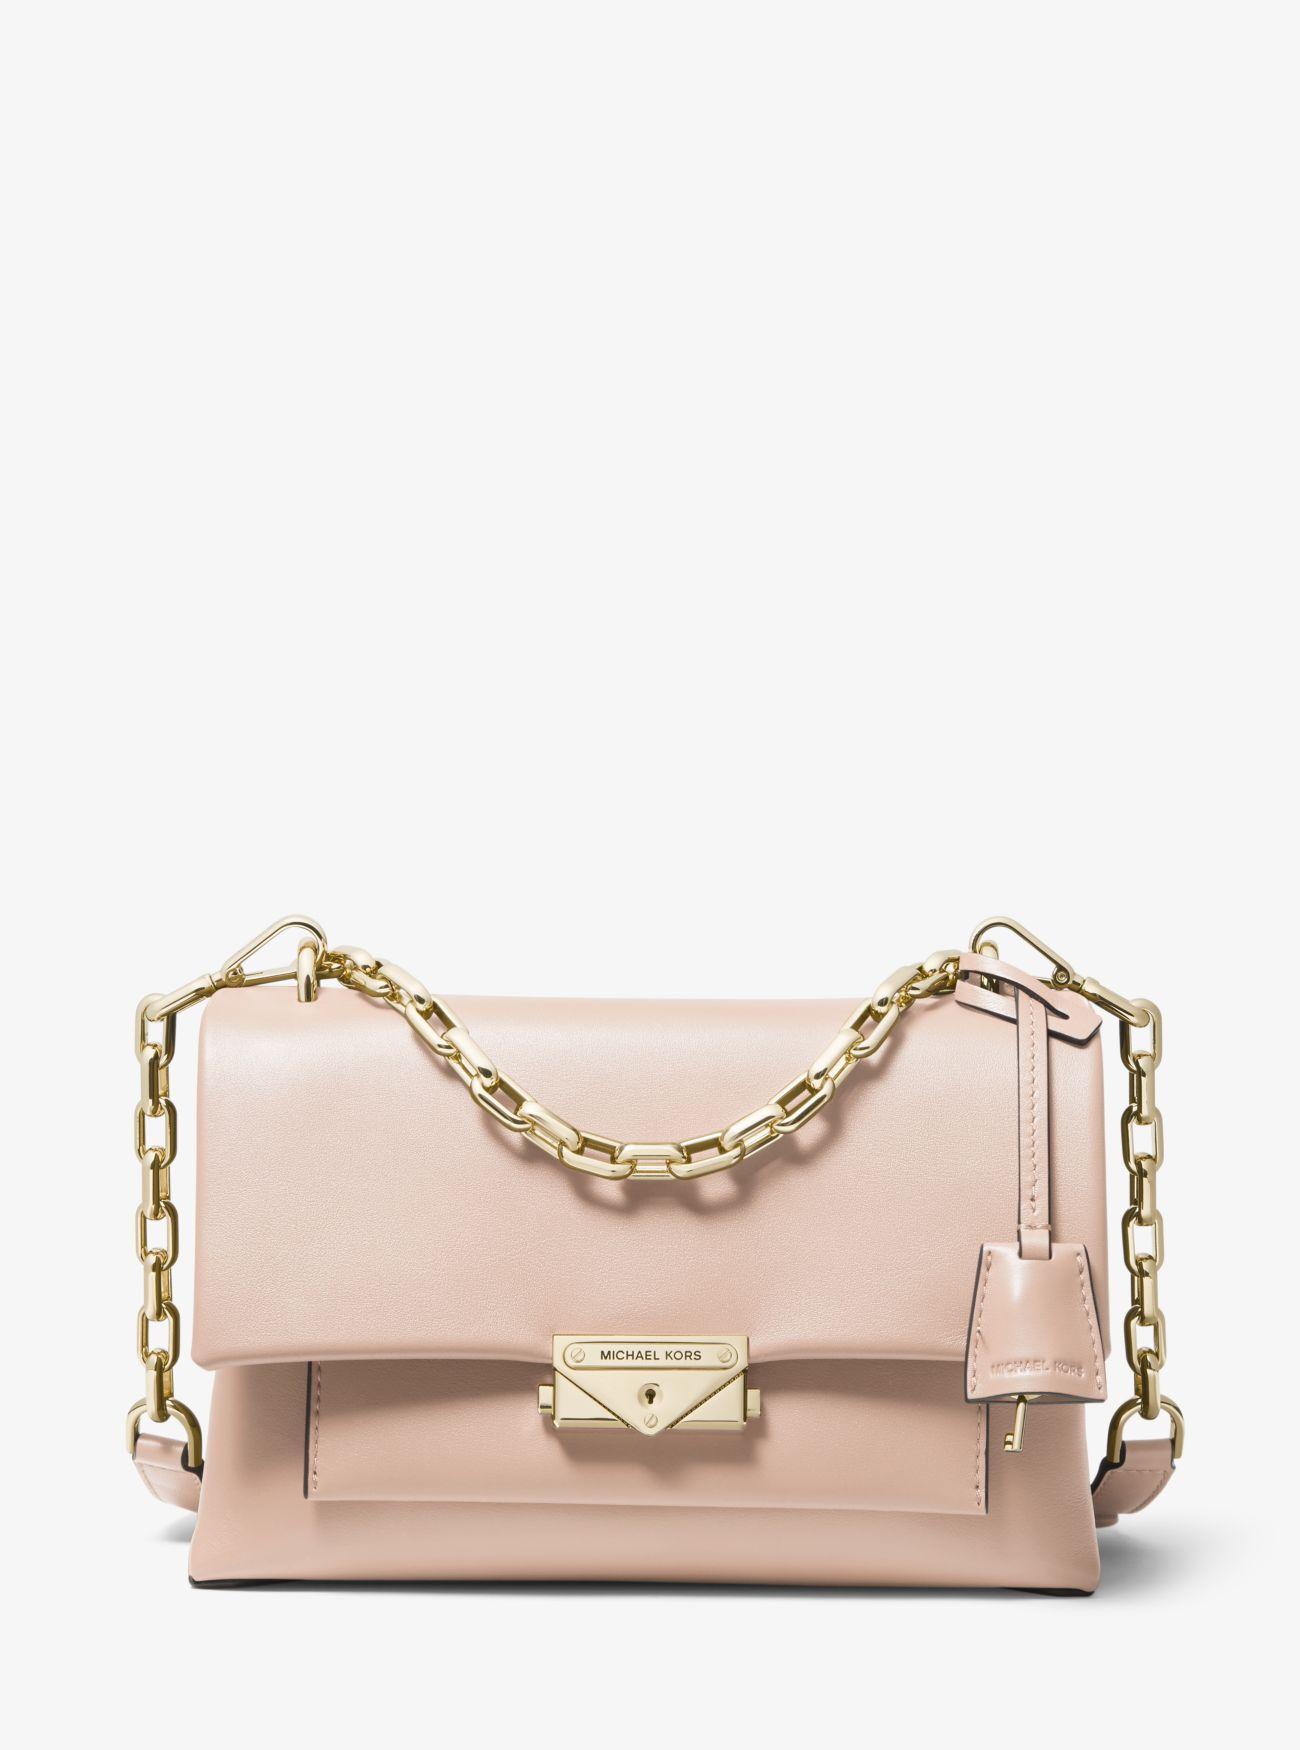 788e26a040f2 Michael Kors - Multicolor Cece Medium Leather Shoulder Bag - Lyst. View  fullscreen